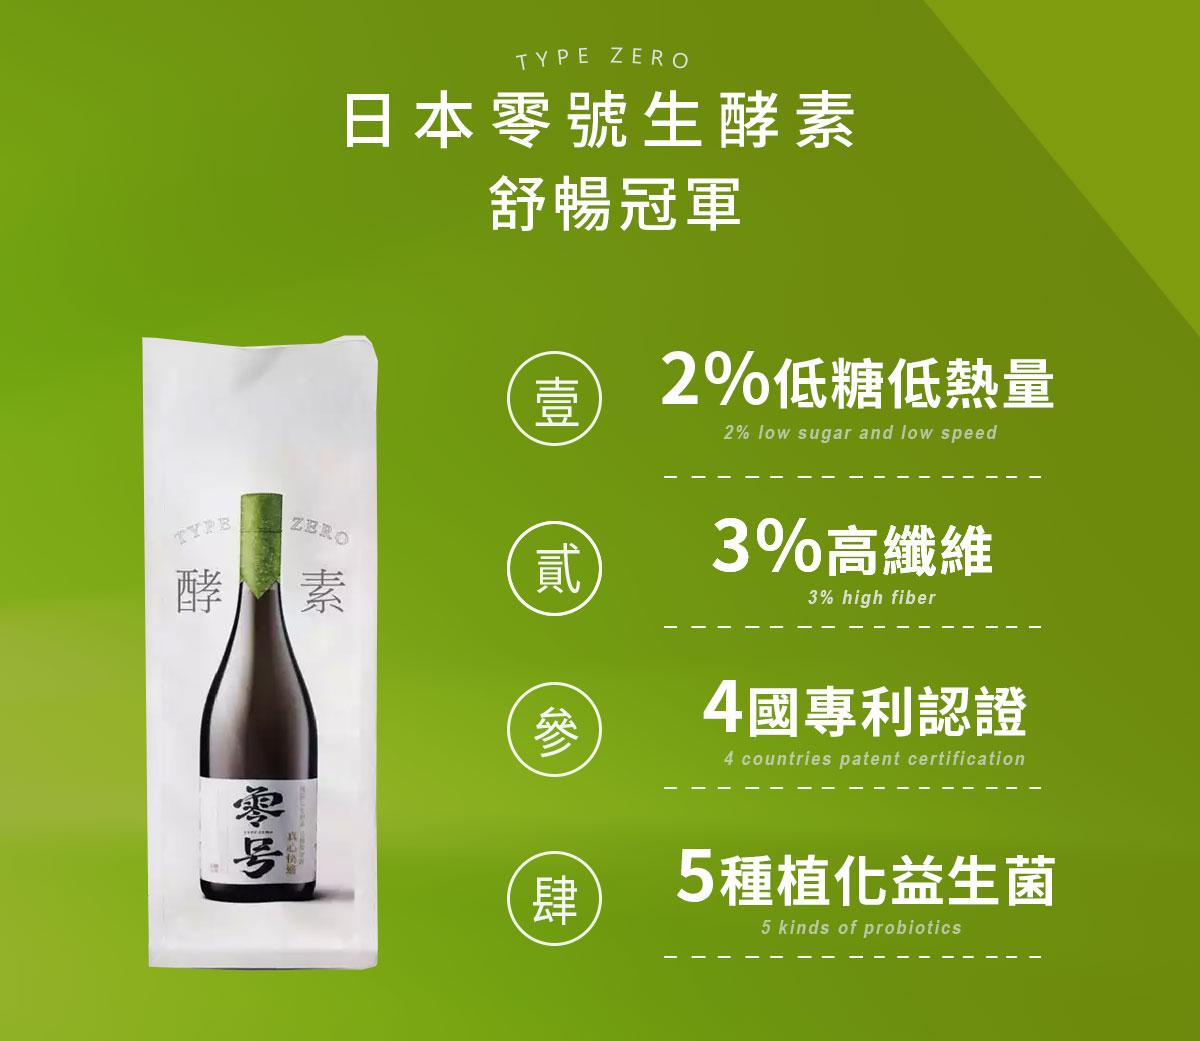 日本零號生酵素-101綜合蔬果酵素-100萬高濃度SOD-排空歸零養顏美容-舒暢冠軍